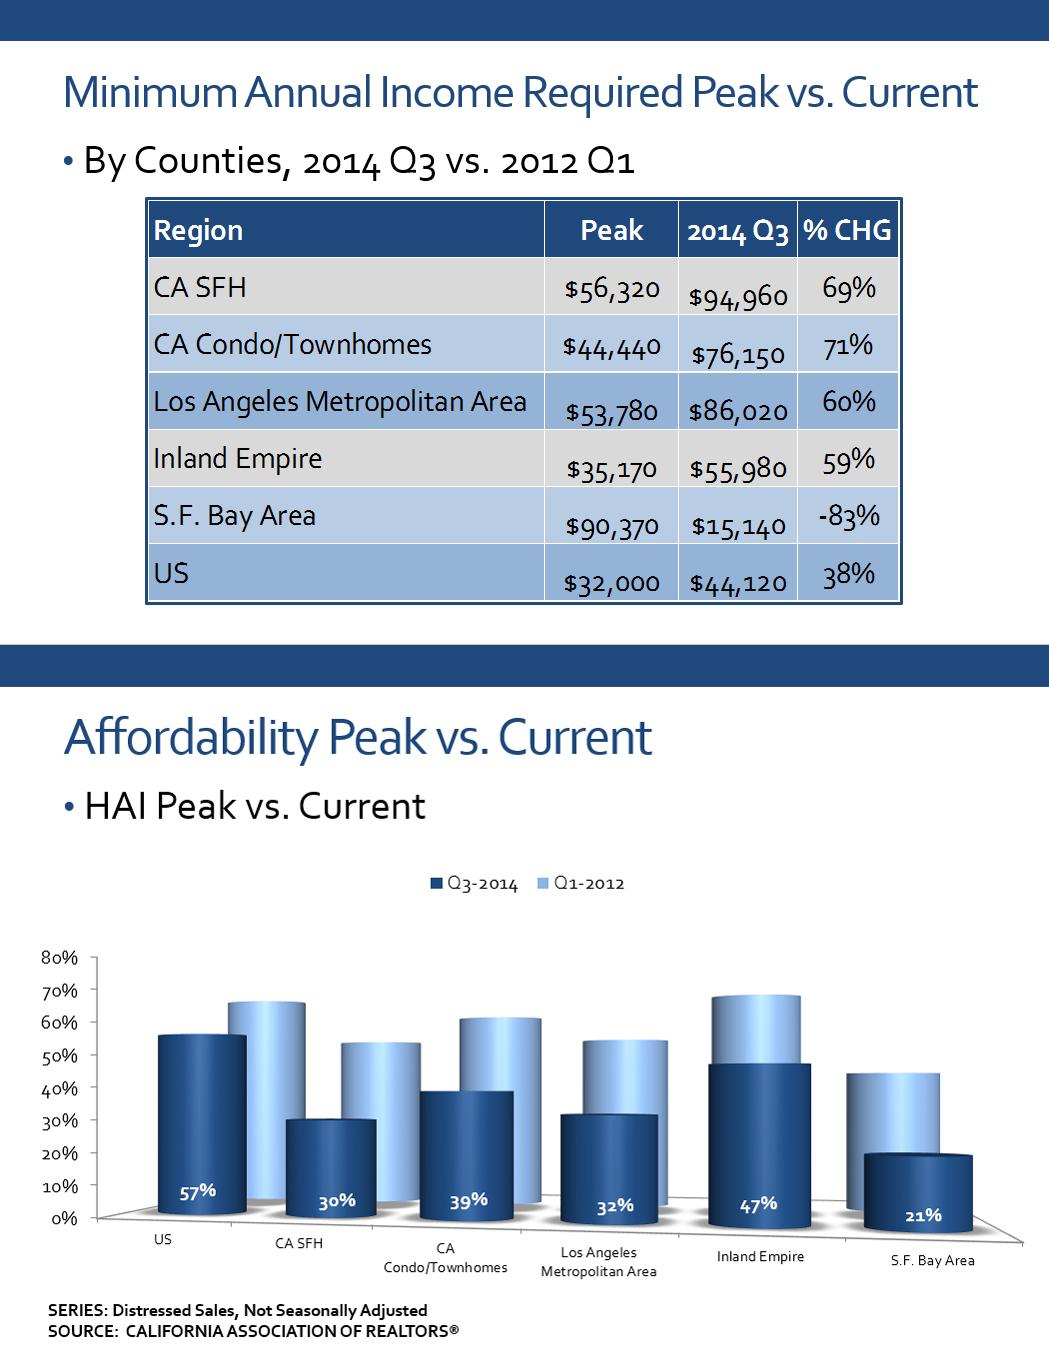 Minimum-Annual-Peak-Income-Required-vs-Current.jpg